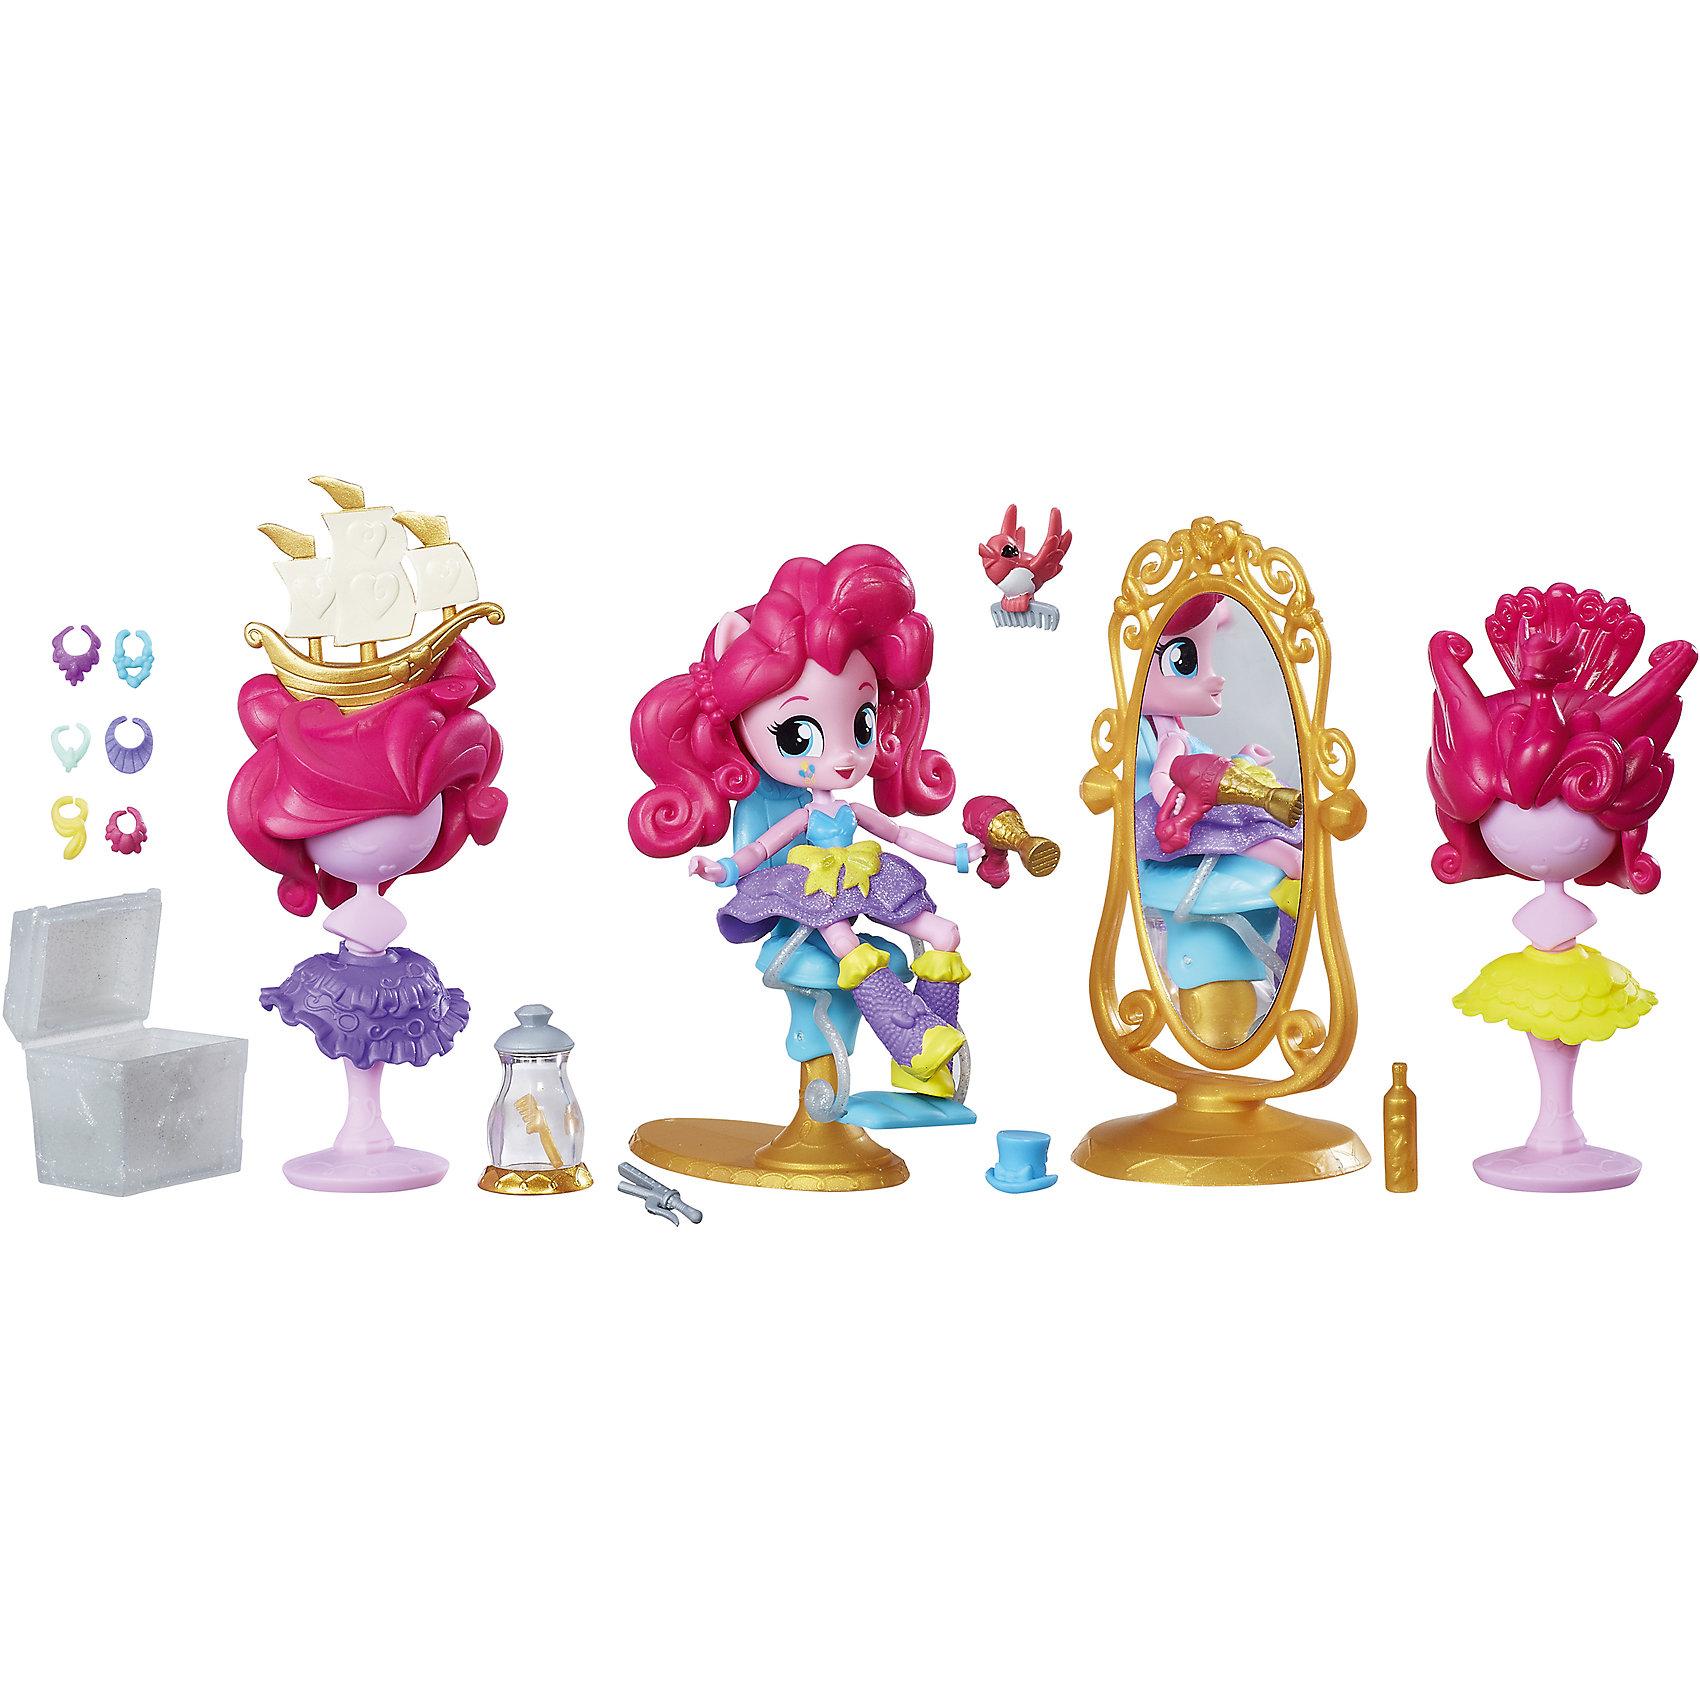 Мини-кукла Hasbro Equestria Girls Пижамная вечеринка Салон красоты Пинки ПайМини-куклы<br>Характеристики товара:<br><br>• возраст от 5 лет;<br>• материал: пластик;<br>• в комплекте: фигурка, аксессуары;<br>• размер упаковки 30х24х13 см;<br>• вес упаковки 743 гр.;<br>• страна производитель: Китай.<br><br>Игровой набор мини-кукол «В школе» Equestria Girls создан по мотивам известного мультфильма. Он позволит девочке придумать разнообразные увлекательные игры и истории с любимыми персонажами. В комплекте фигурка героя с набором аксессуаров для создания яркого и стильного образа. У куклы подвижные руки и ножки. Игрушка изготовлена из качественных материалов.<br><br>Игровой набор мини-кукол «В школе» Equestria Girls можно приобрести в нашем интернет-магазине.<br><br>Ширина мм: 130<br>Глубина мм: 300<br>Высота мм: 240<br>Вес г: 743<br>Возраст от месяцев: 60<br>Возраст до месяцев: 2147483647<br>Пол: Женский<br>Возраст: Детский<br>SKU: 5622060